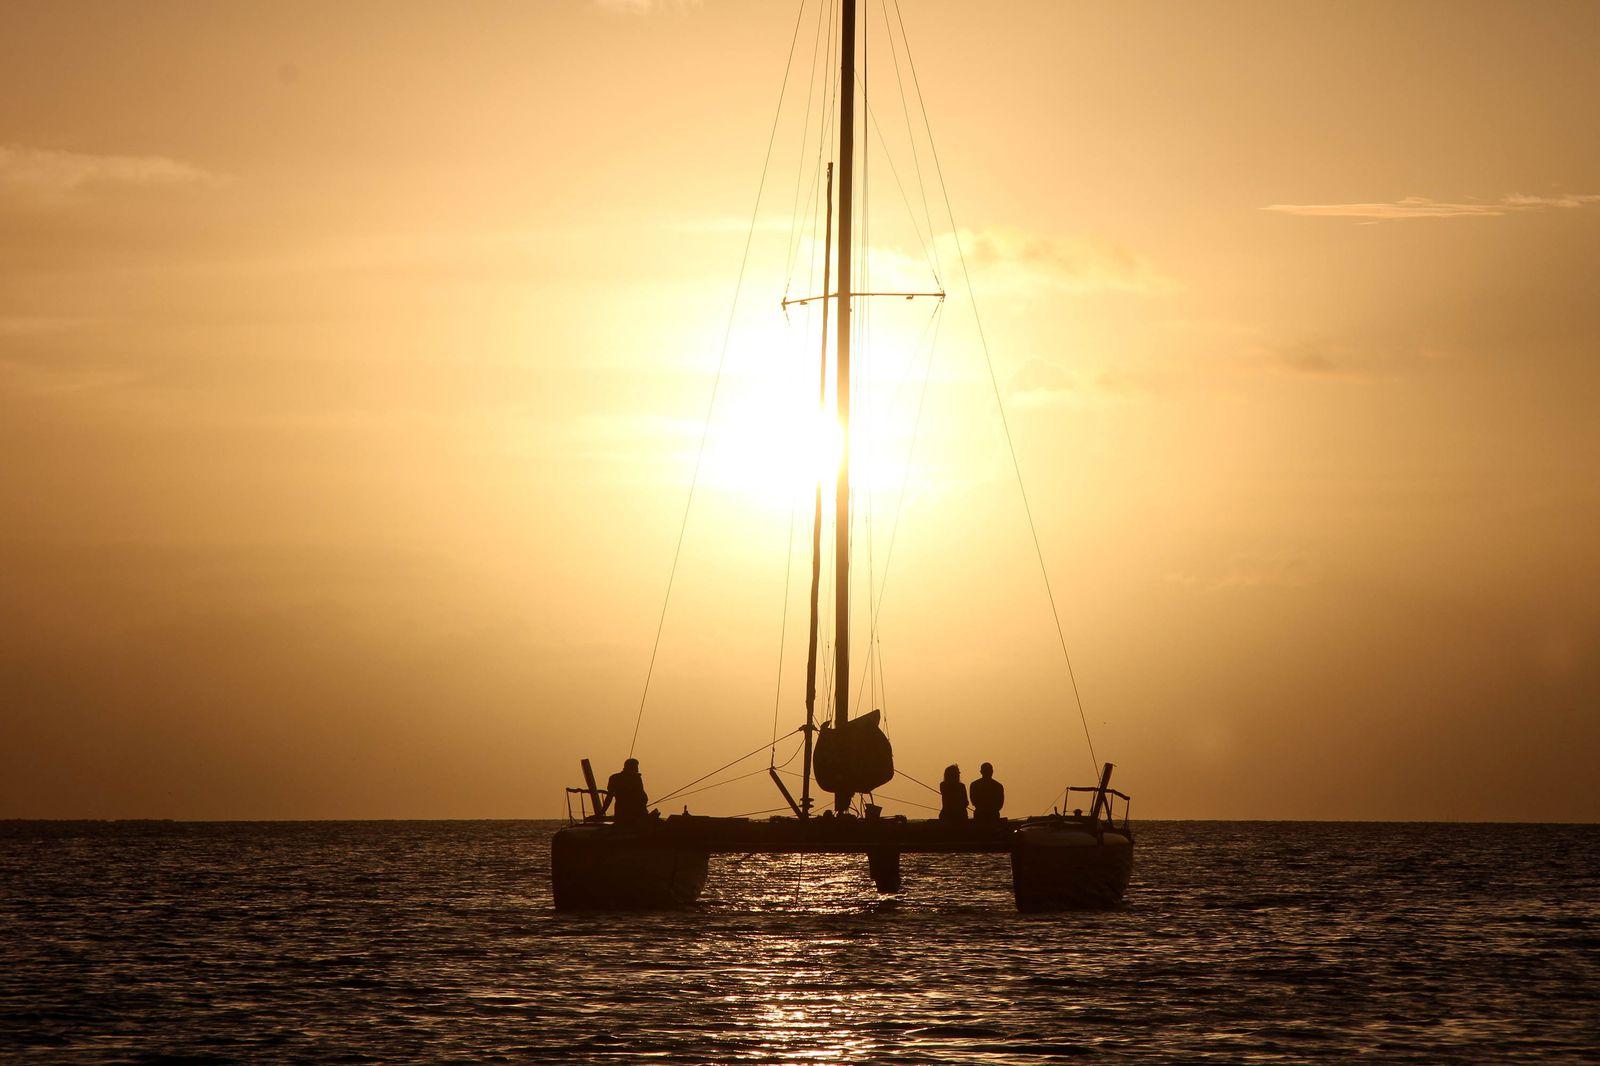 タヒチでは、海に沈む美しい夕日も見逃せません。カタマランヨットで沖にでて、クルーズをしながら眺めるもよし、リゾートのサンセットポイントから見るもよし。いずれも、シャンパンを飲みながらロマンチックな時間を楽しむことができます。